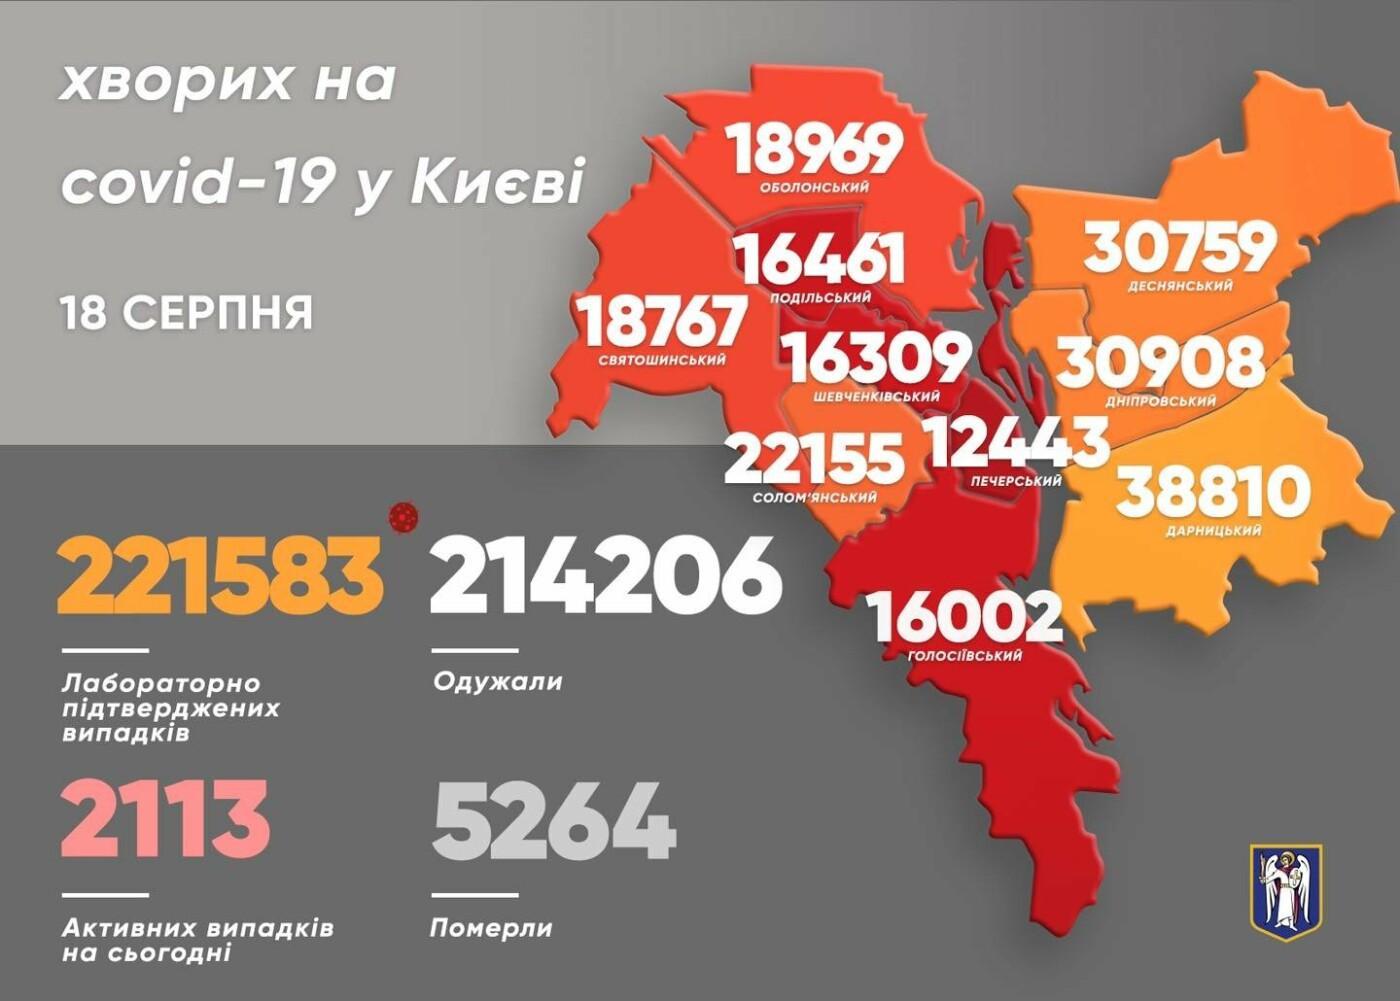 Статистика на 18 августа